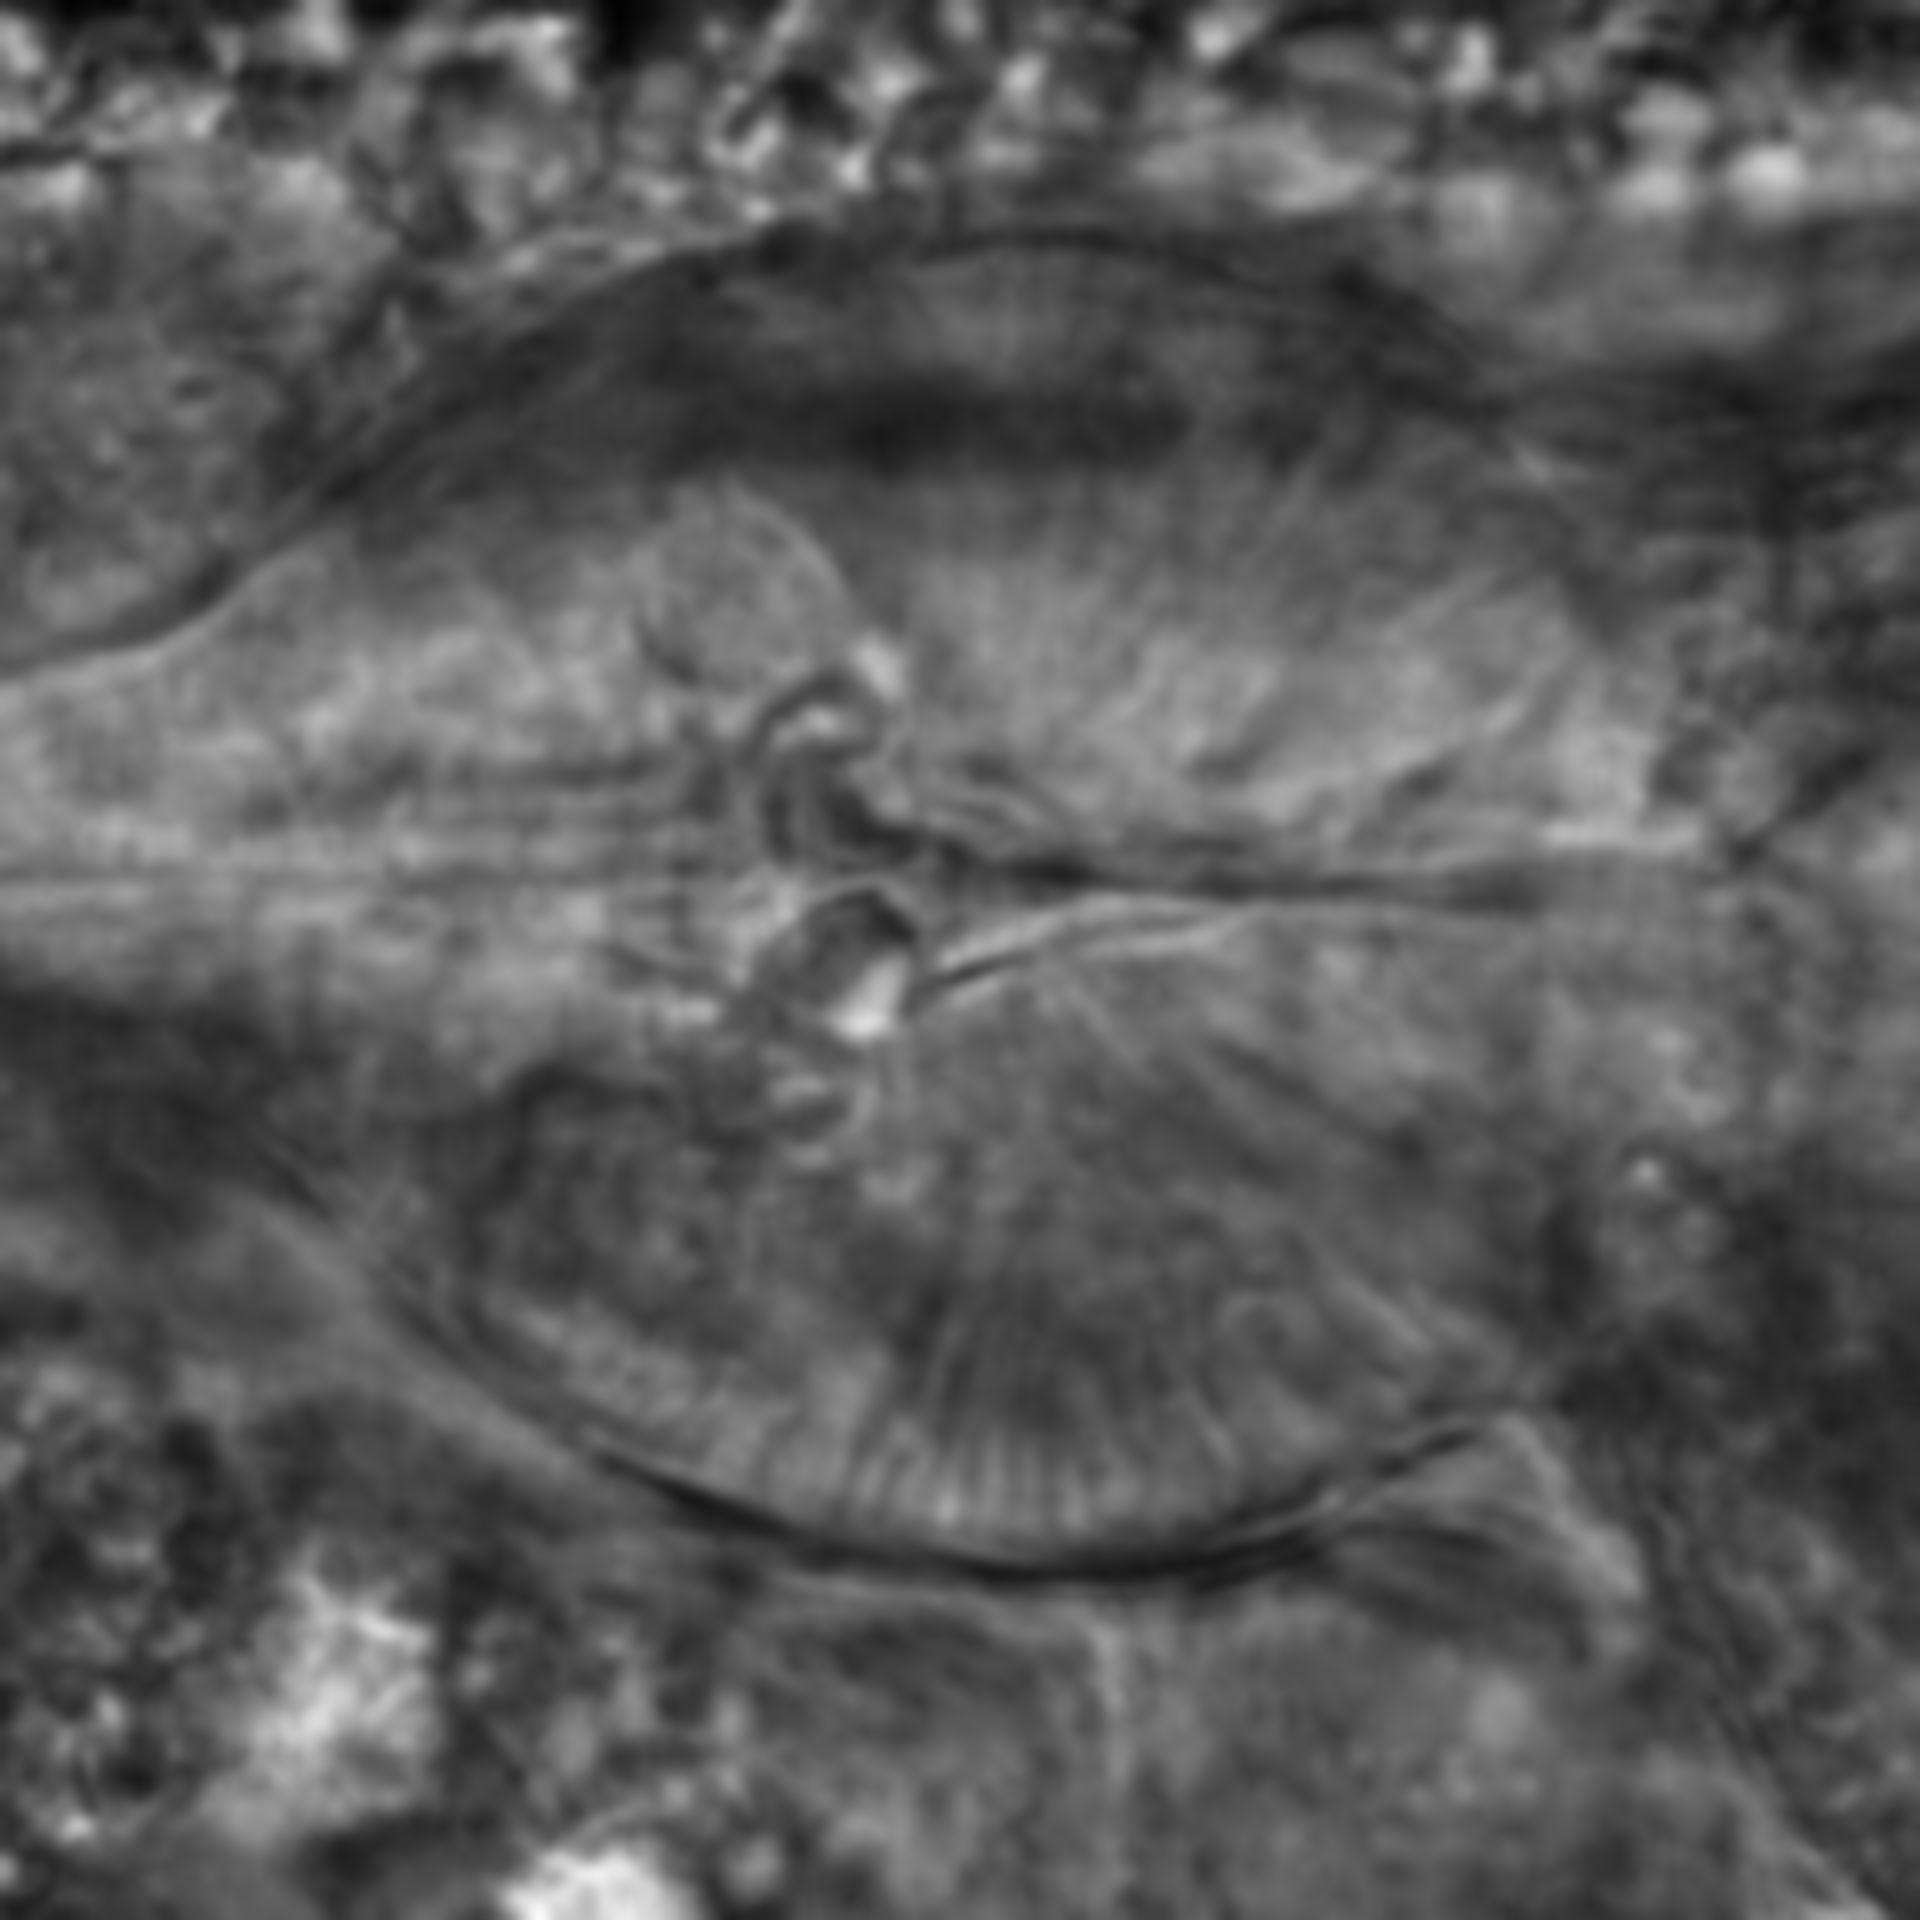 Caenorhabditis elegans - CIL:2182